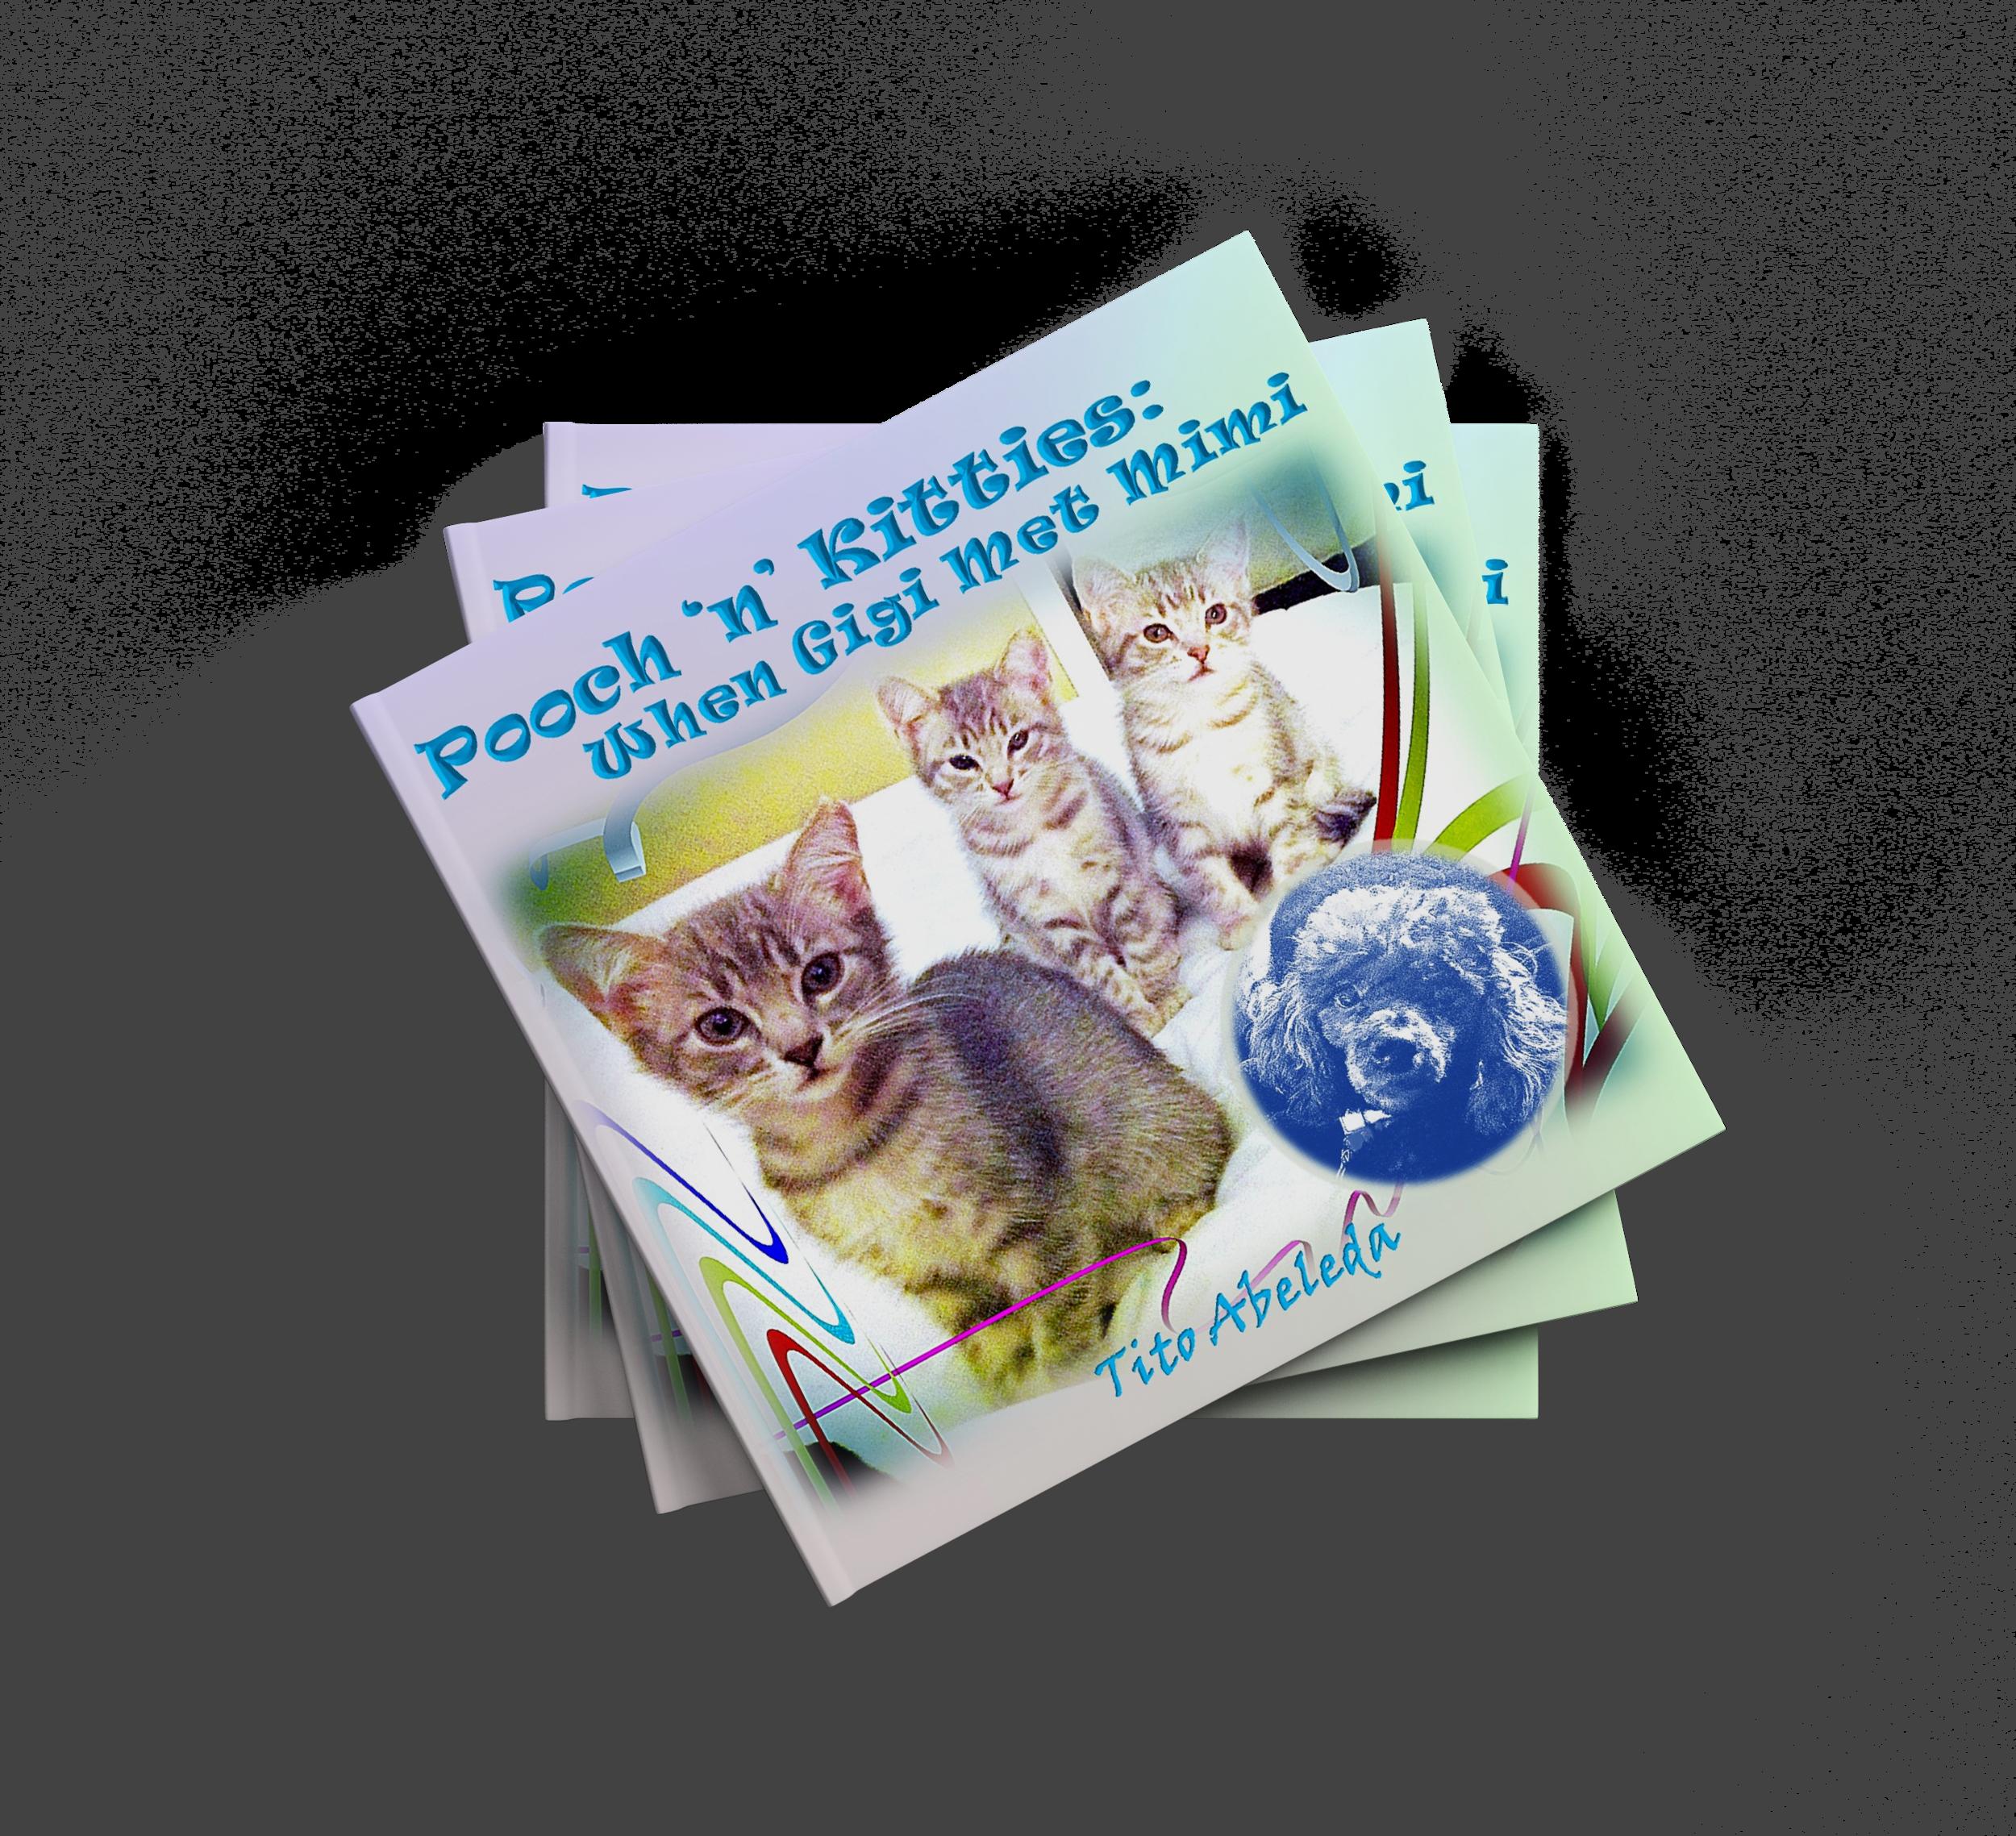 Pooch 'n' Kitties: When Gigi Met Mimi